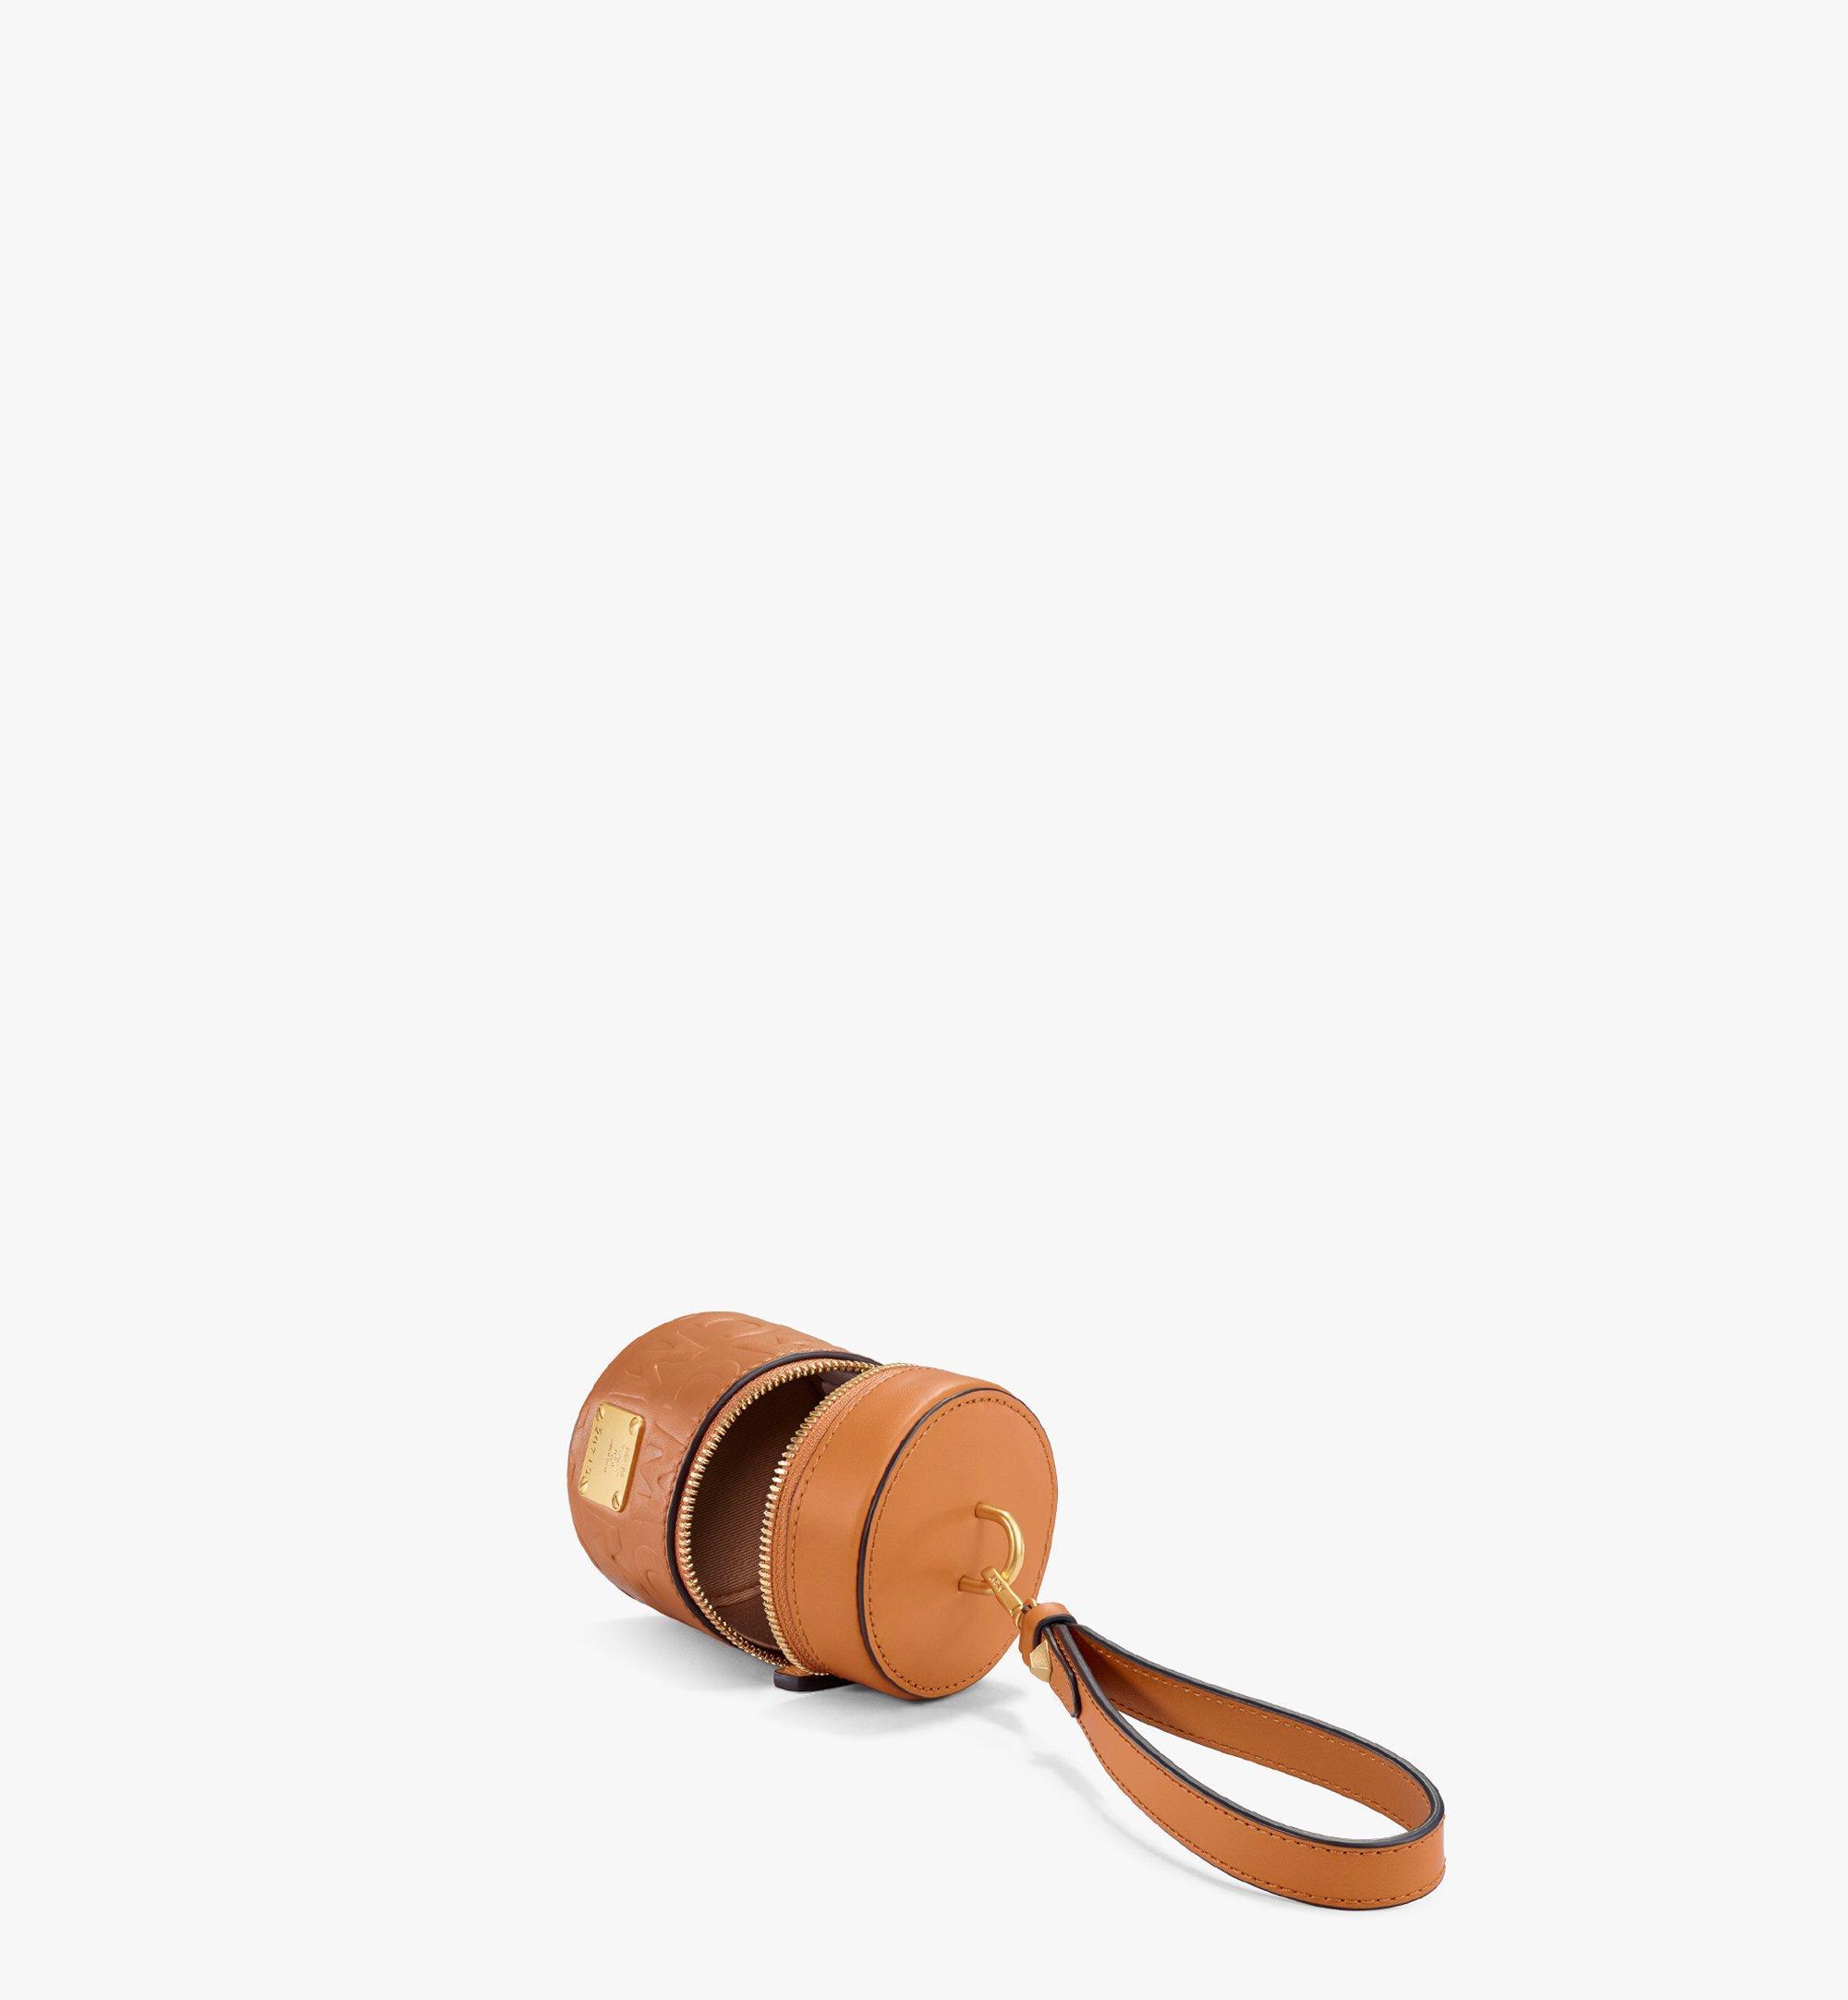 MCM Sac à bandoulière cylindrique en cuir monogrammé MCM Cognac MWRAACG06CO001 Plus de photos 2